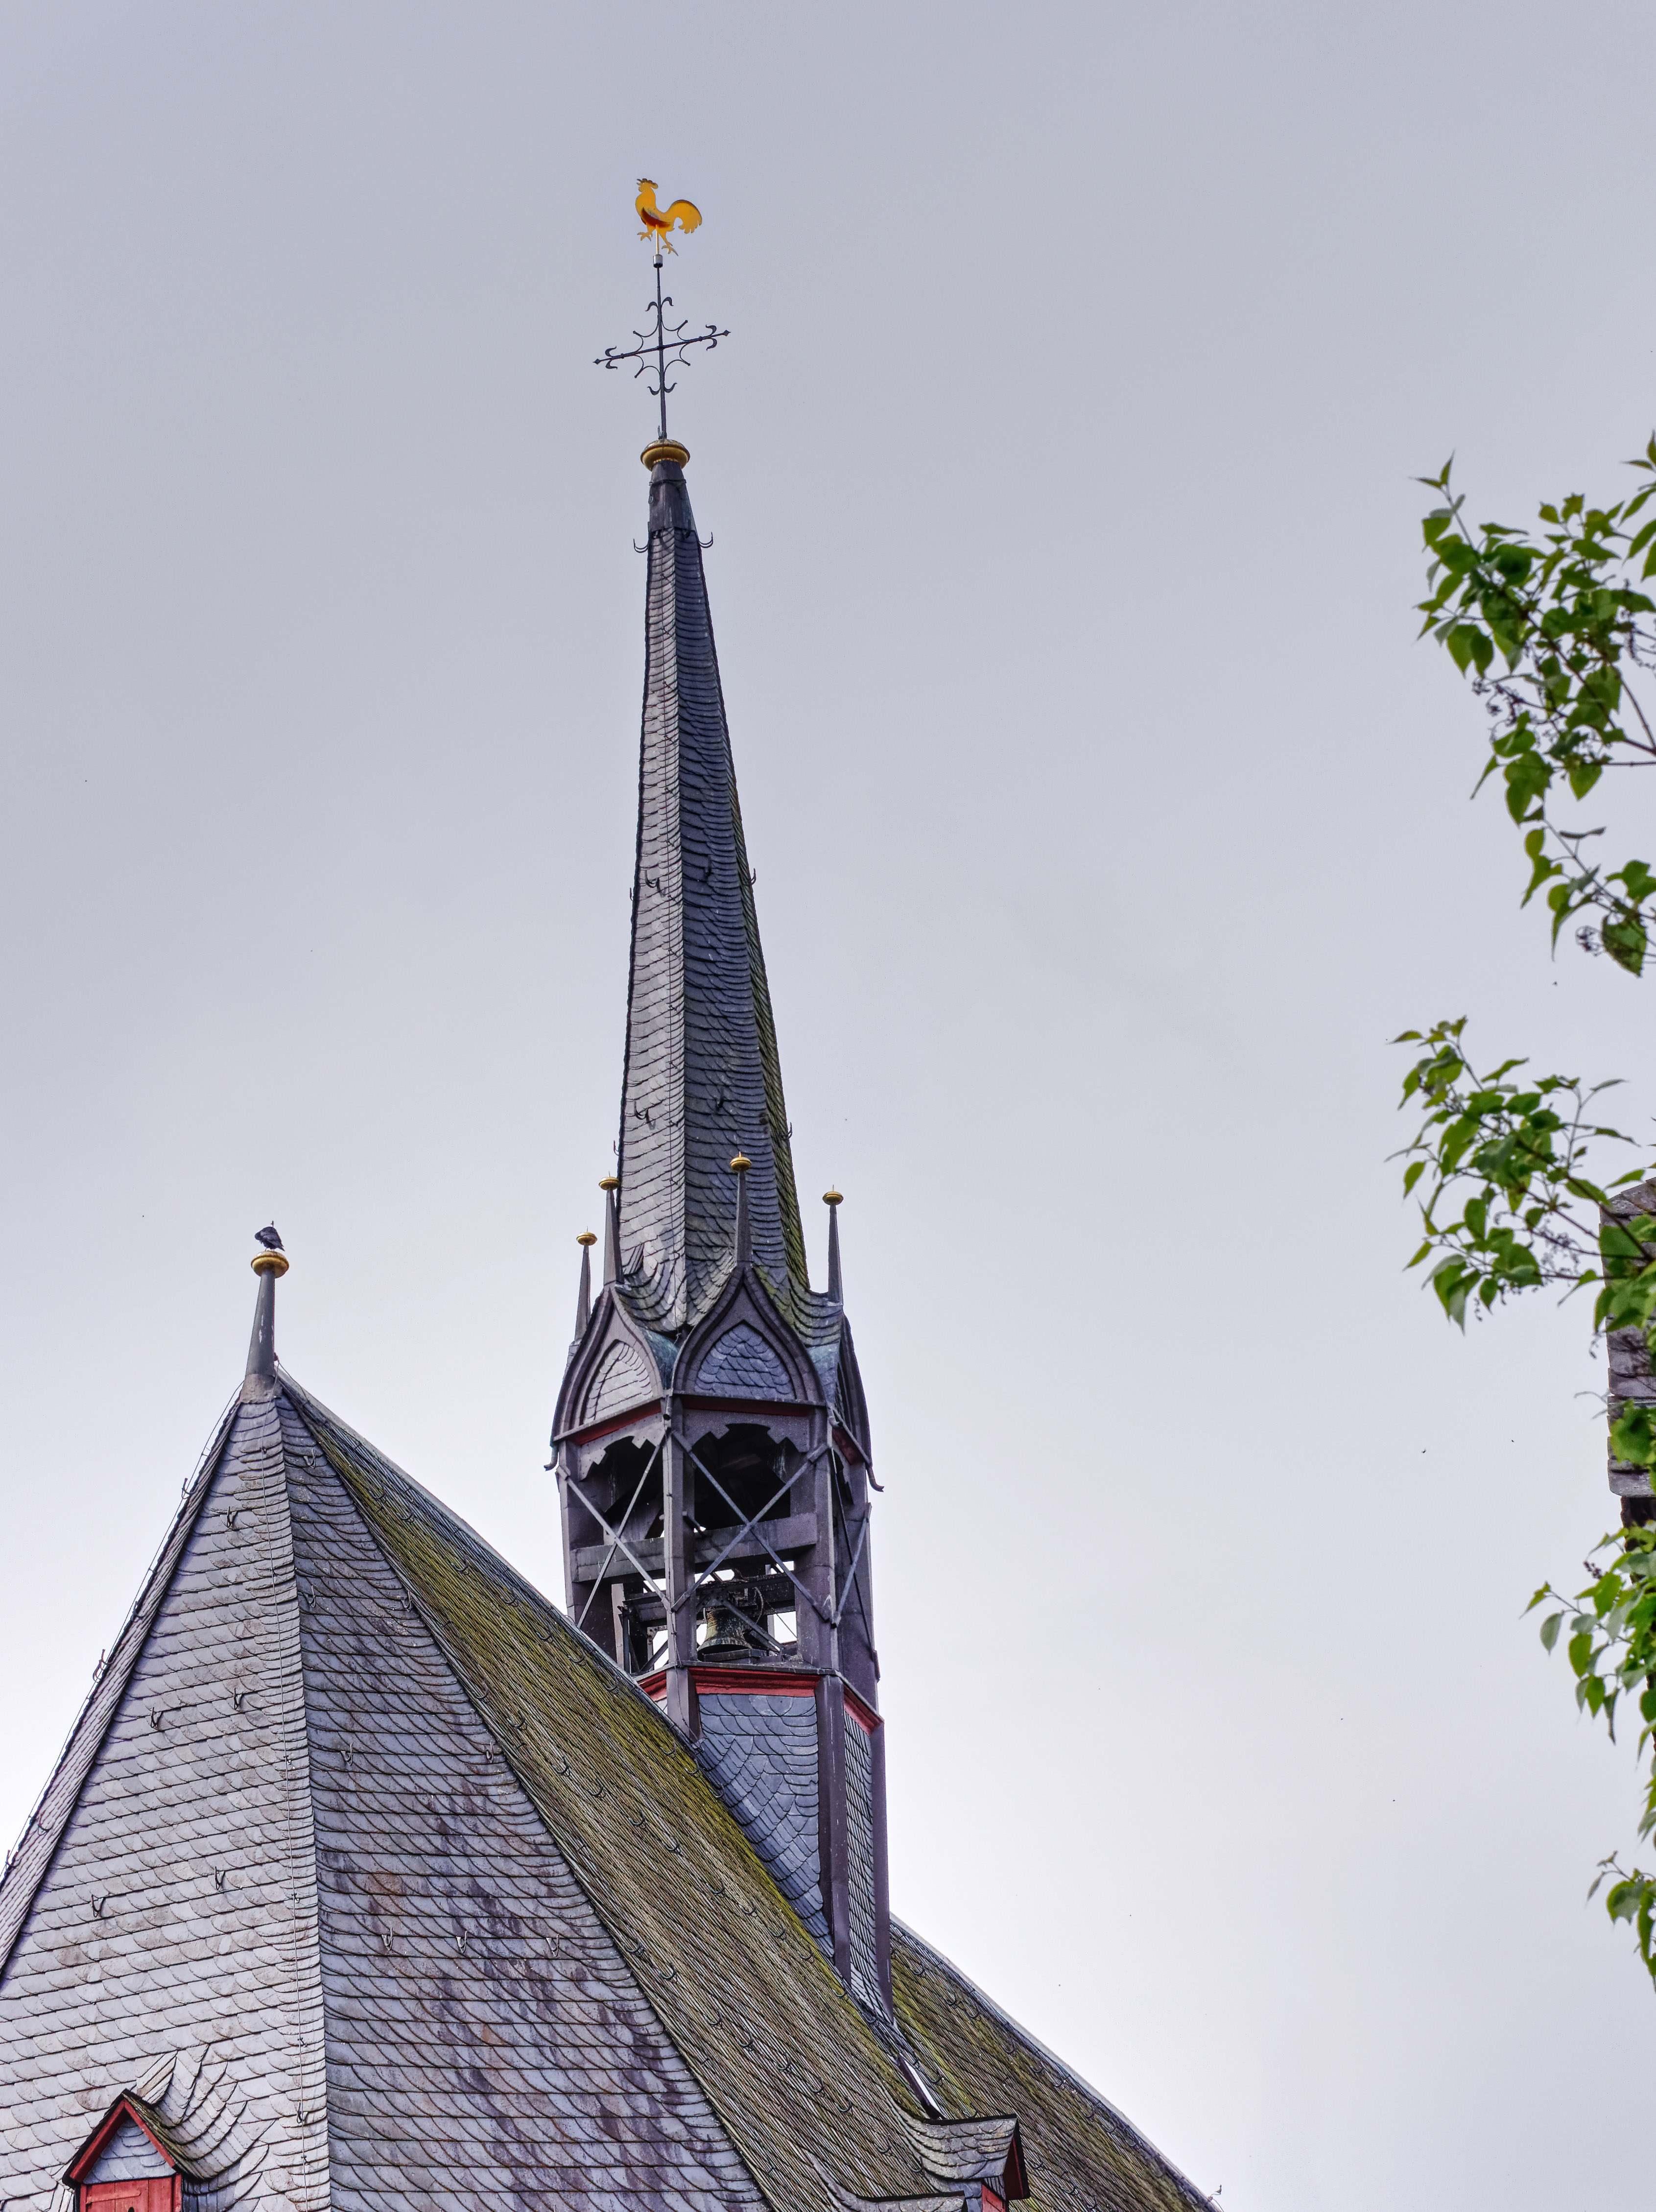 Dachreiter mit offen liegender Glocke